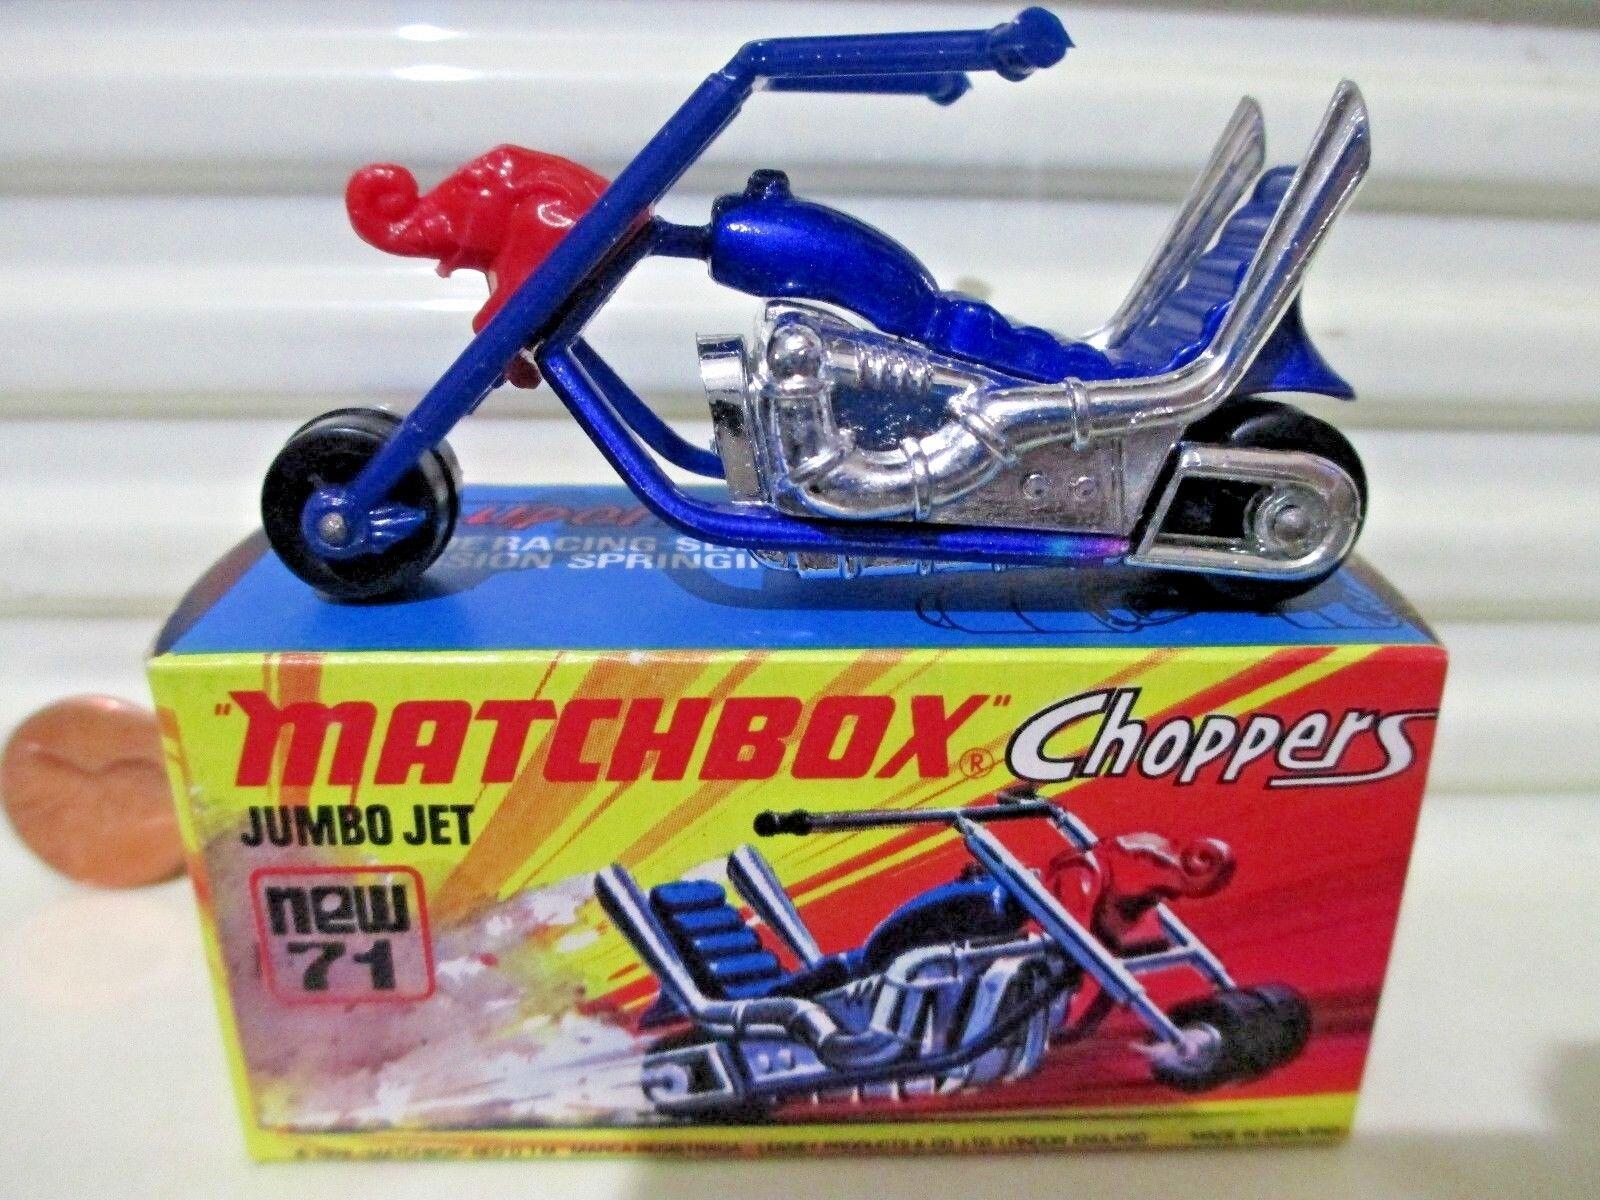 Lesney Matchbox 1972  MB71B JUMBO JET Motorcycle Factory Mint in Crisp NuMint Box  pas cher en haute qualité